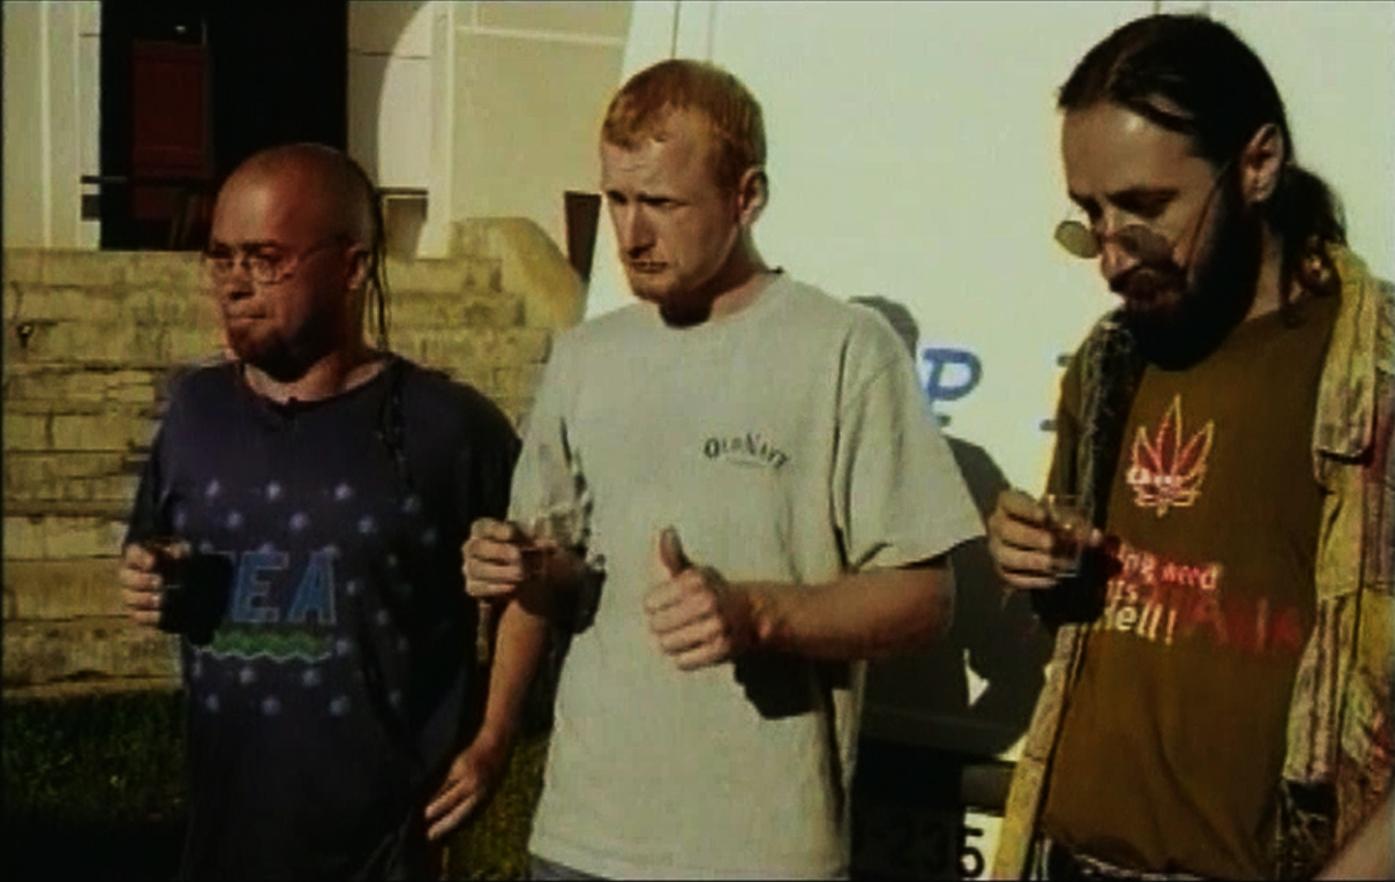 Ajutoare umanitare (2002) - Photo